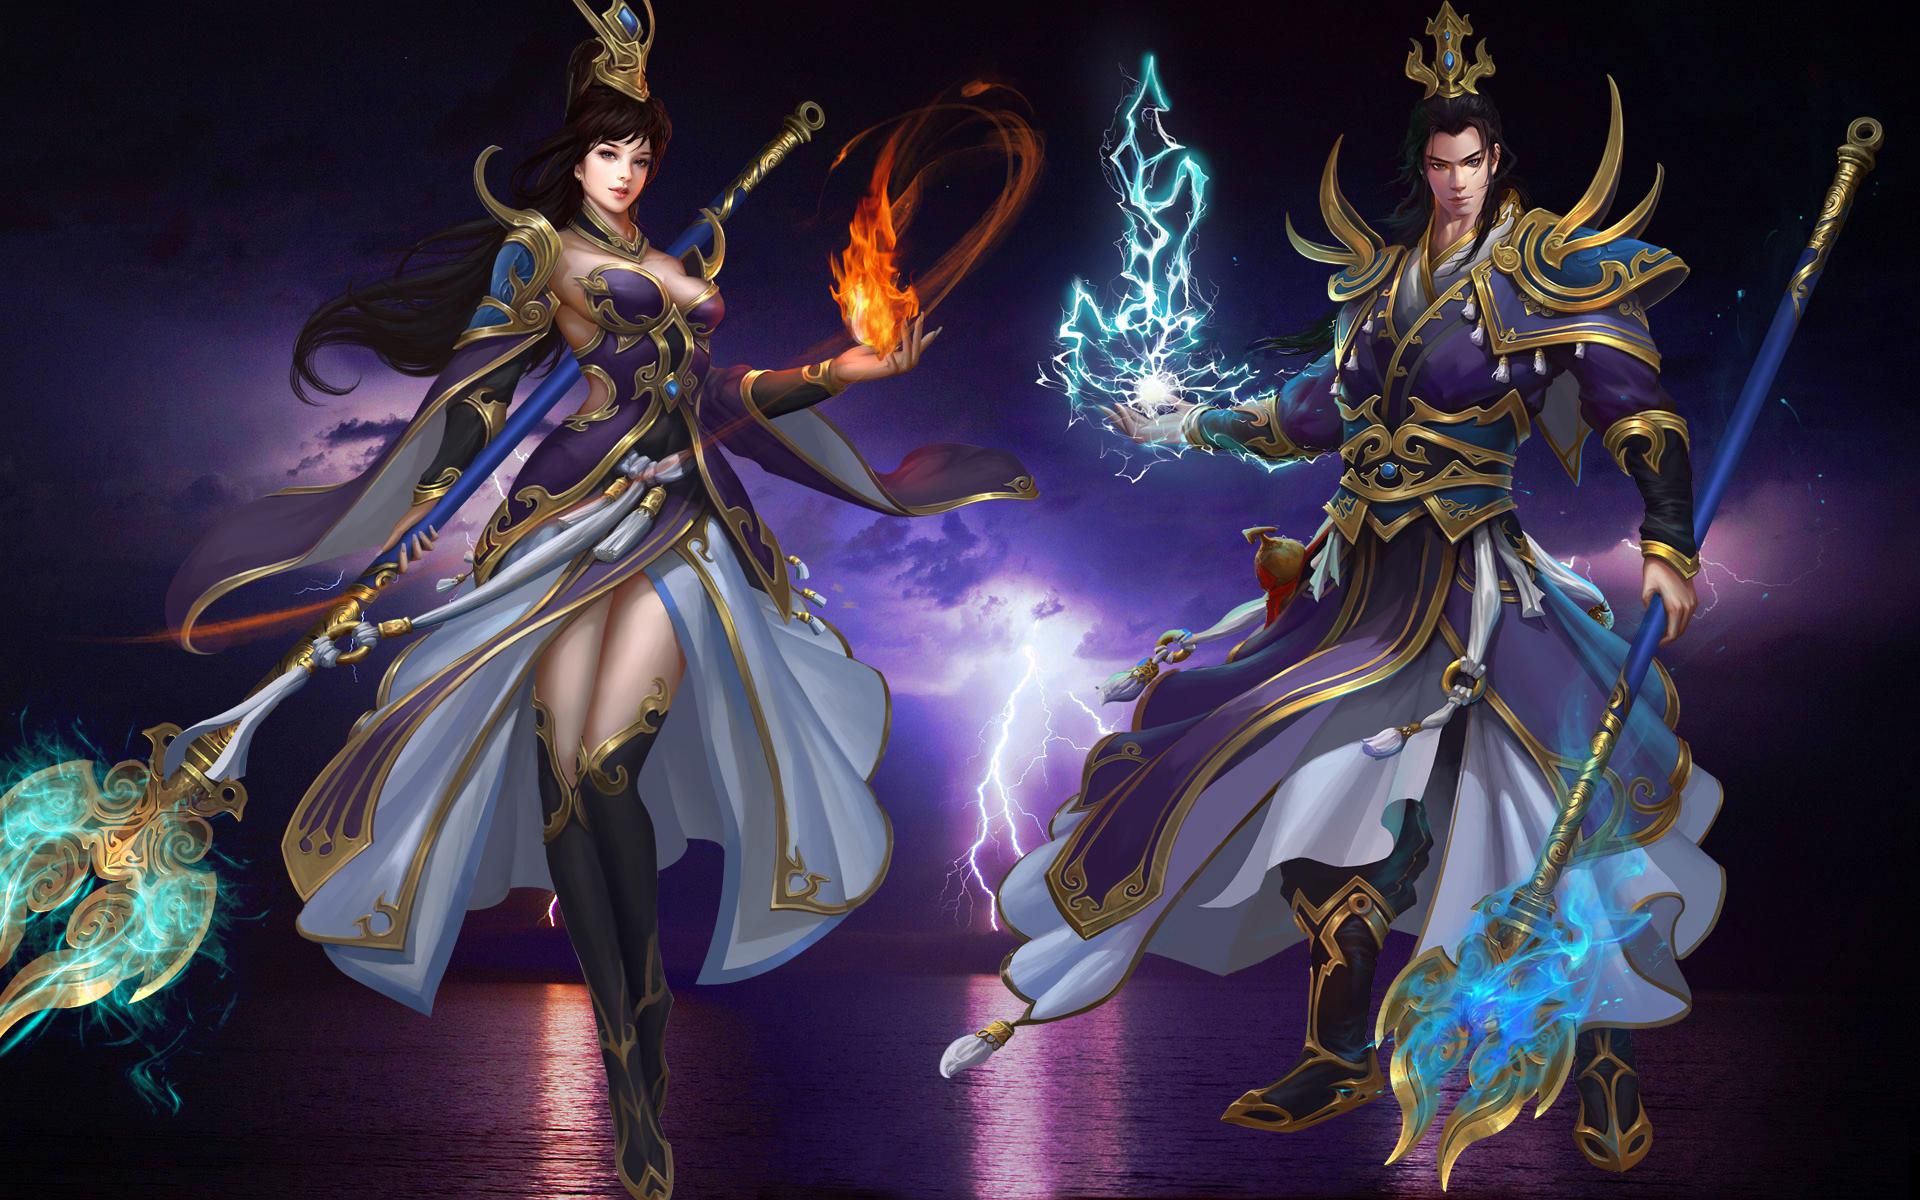 [Hướng Dẫn] - Giới thiệu kỹ năng Tiêu Dao trong Võ Lâm Returns - 1